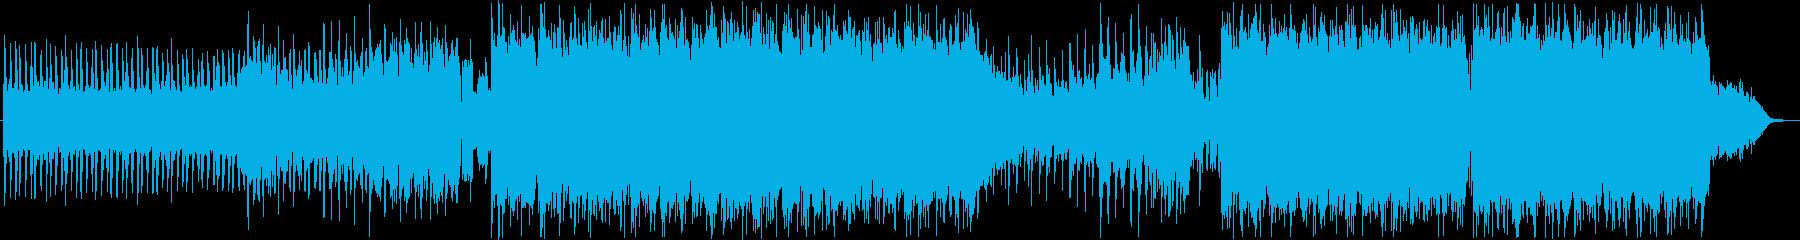 シーンをクールに彩るエレクトロ&ロックの再生済みの波形